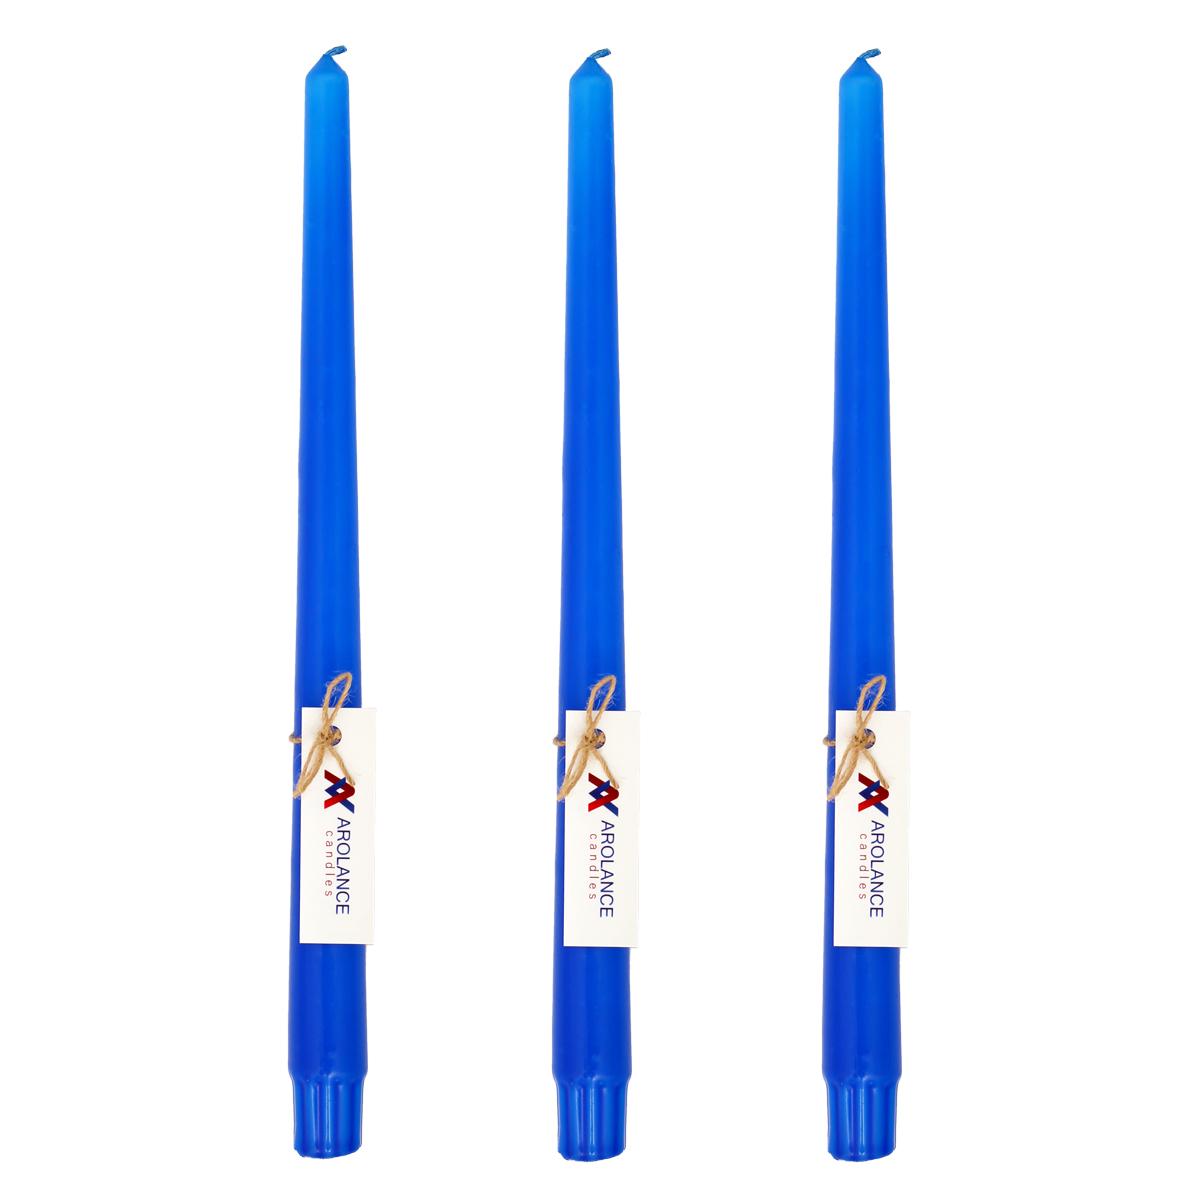 شمع آرولنس طرح قلمی مدل L30 بسته 3 عددی